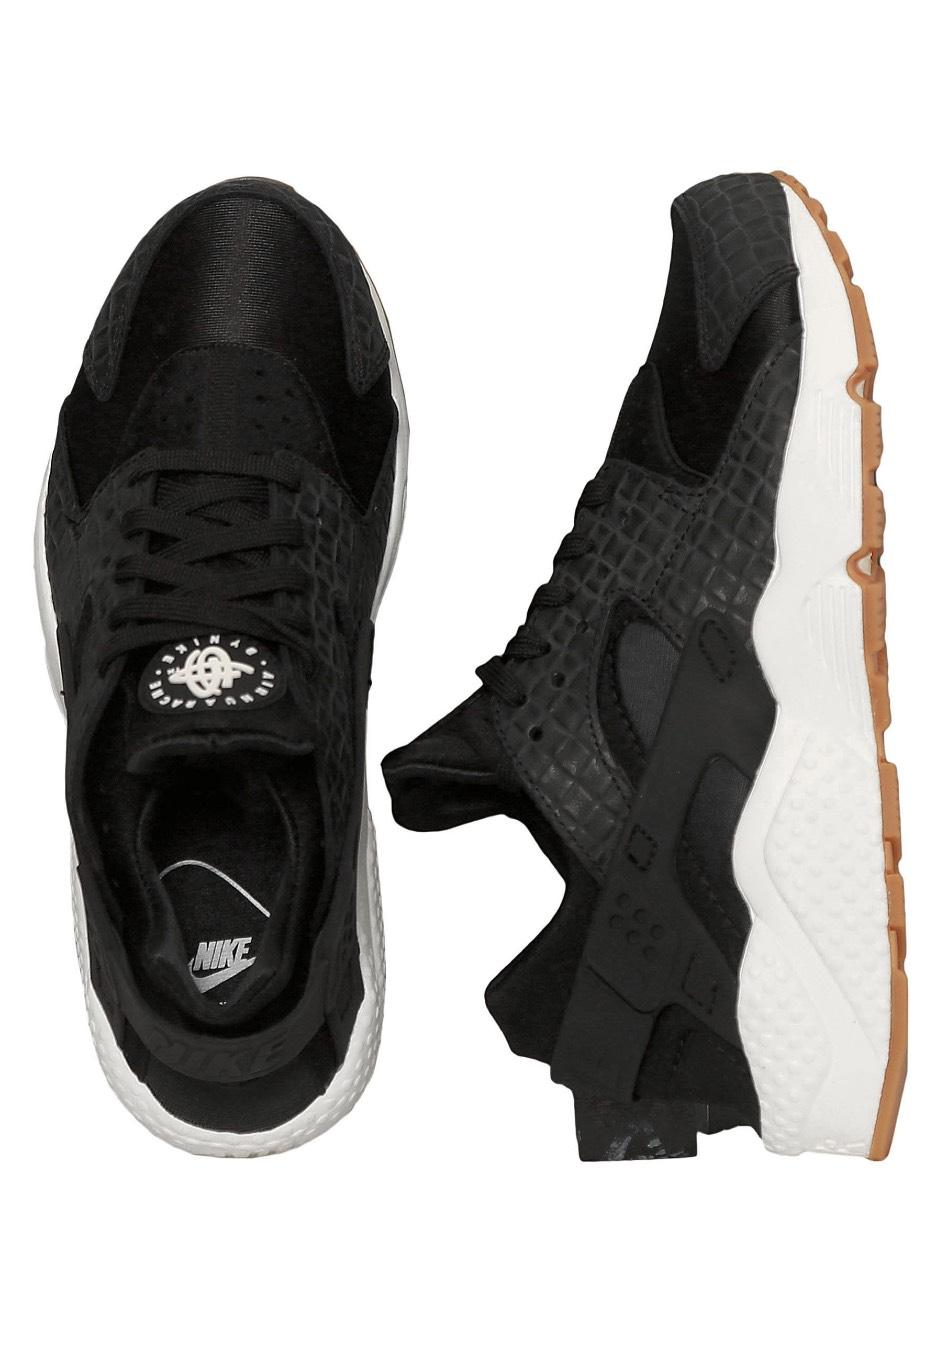 87ed930f80bc2 Nike - Air Huarache Run Premium Black Black Sail Gum Med Brown - Girl Shoes  - Impericon.com US